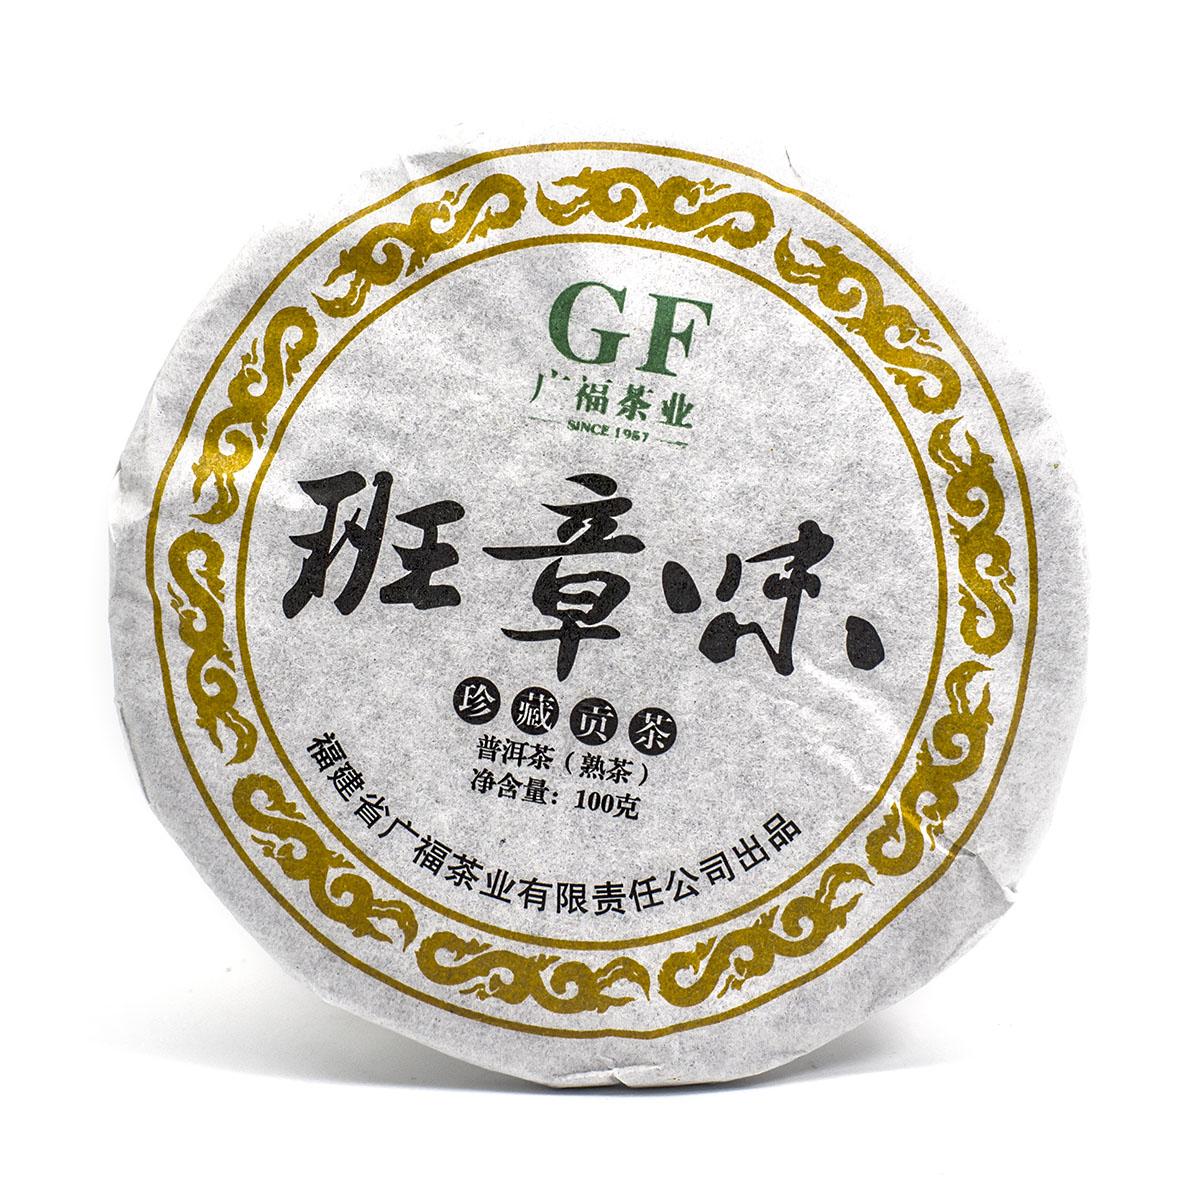 Шу Пуэр Бан Жан Вэй, блин, 100 г шу пуэр ци цзы бин хайваньский ароматный 2017 блин 357 г